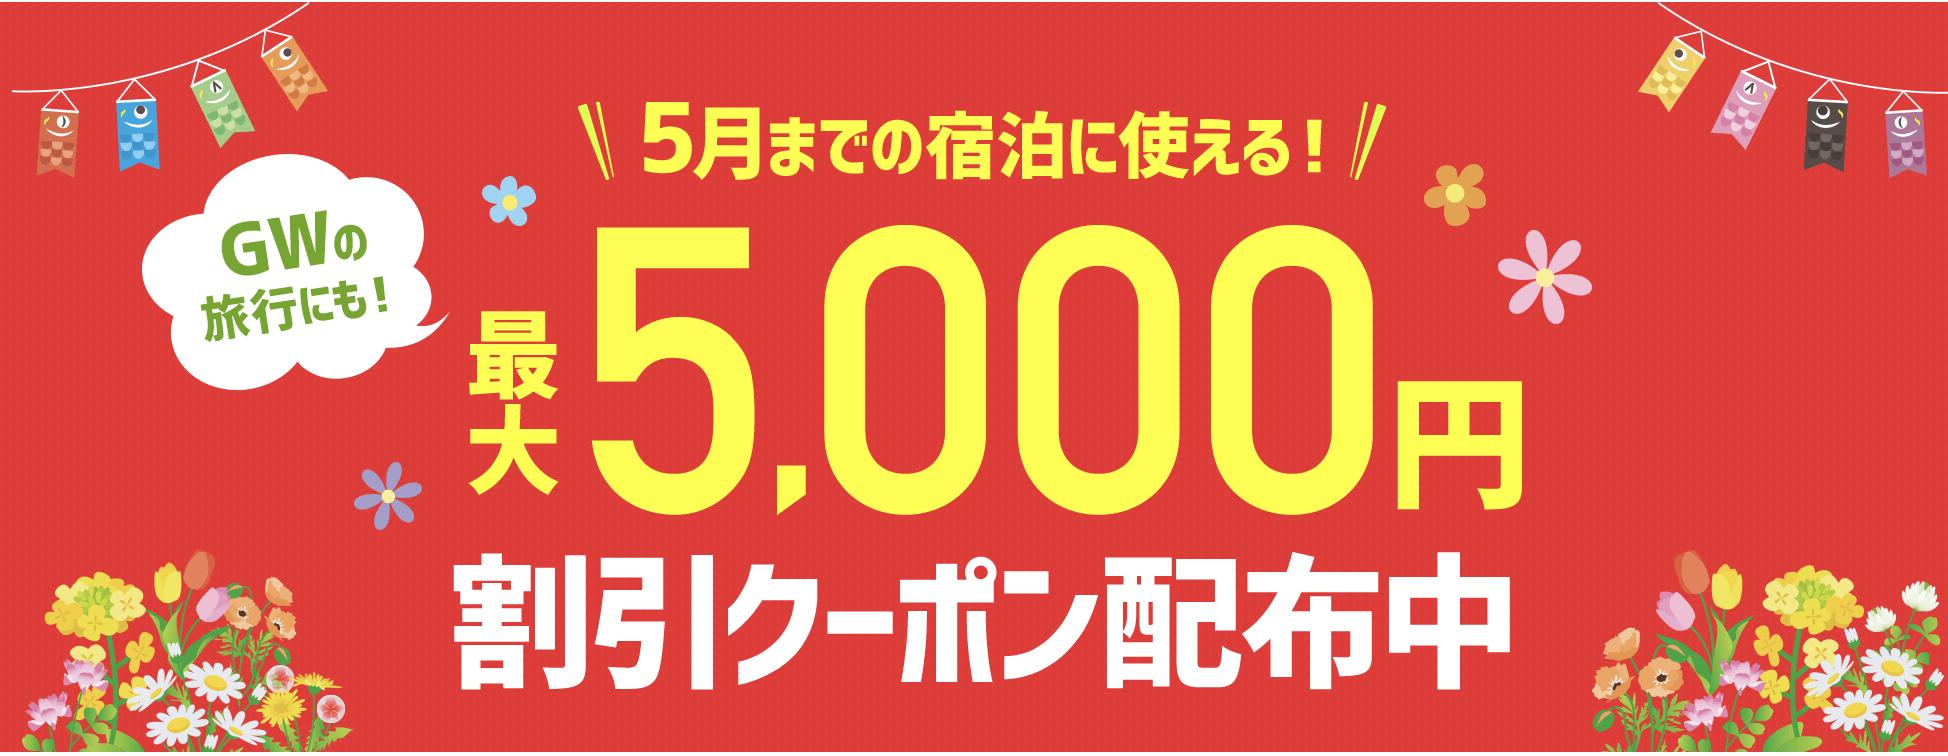 るるぶトラベルの国内ホテル・宿予約が最大8,000円割引クーポン